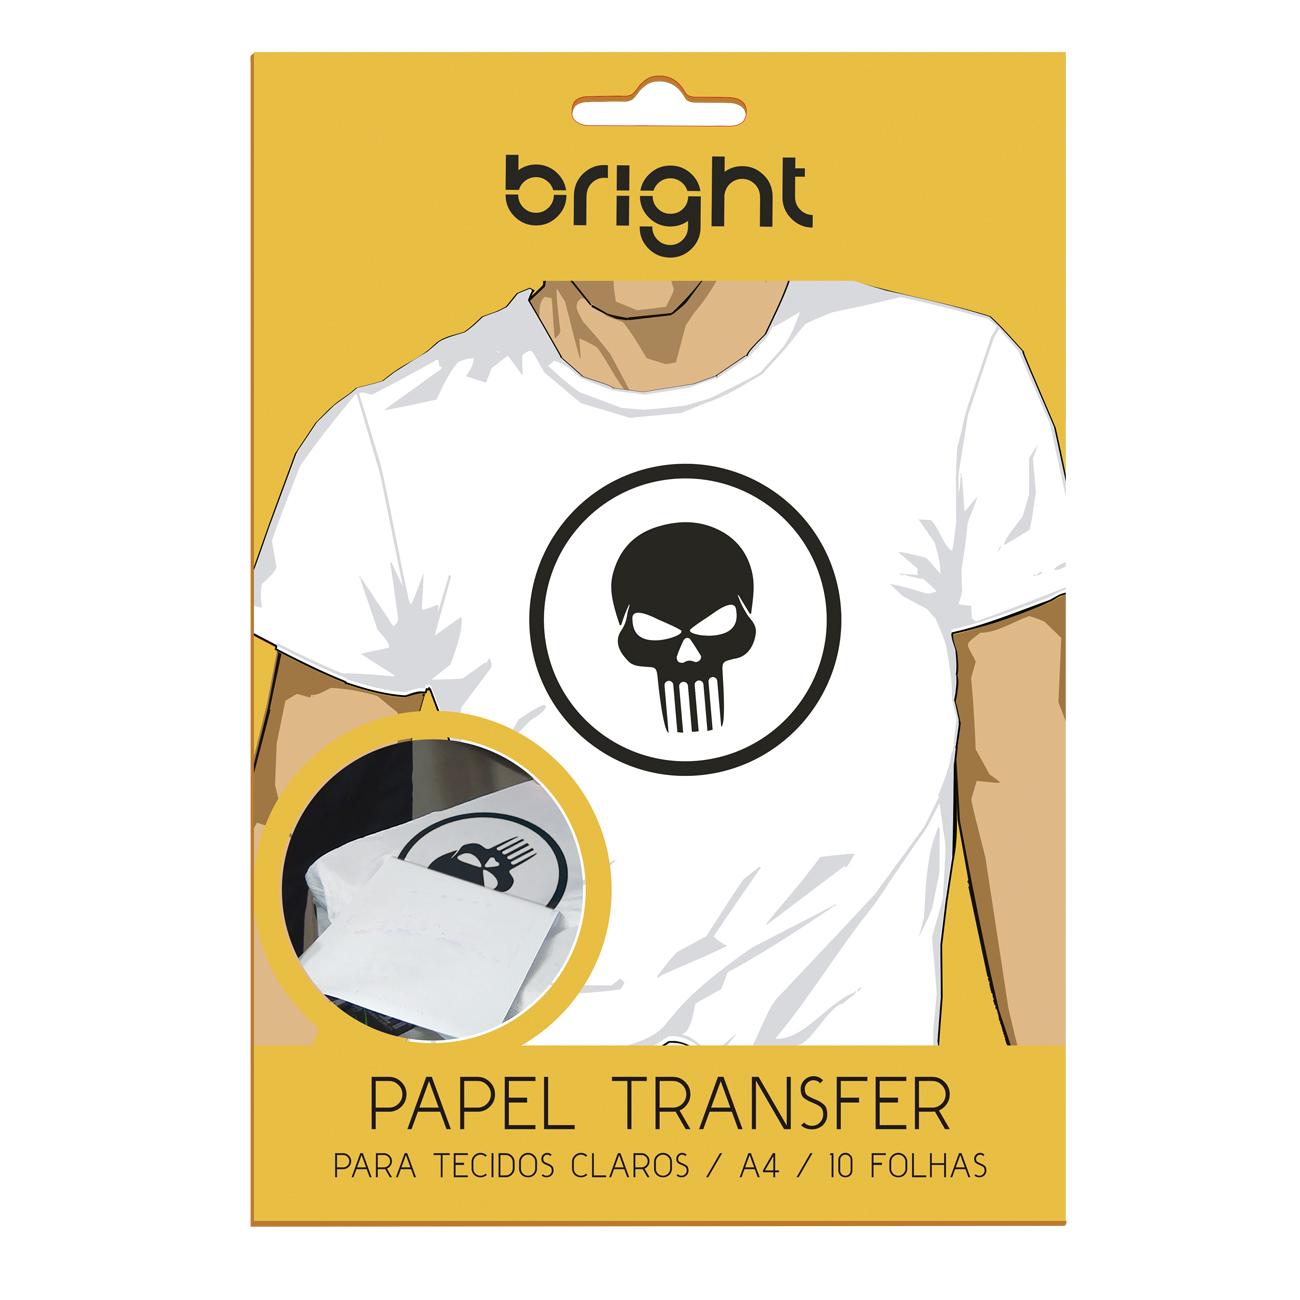 Kit Papel Transfer P/ Tecidos Claros e Escuros com 15 Folhas  - BRIGHT